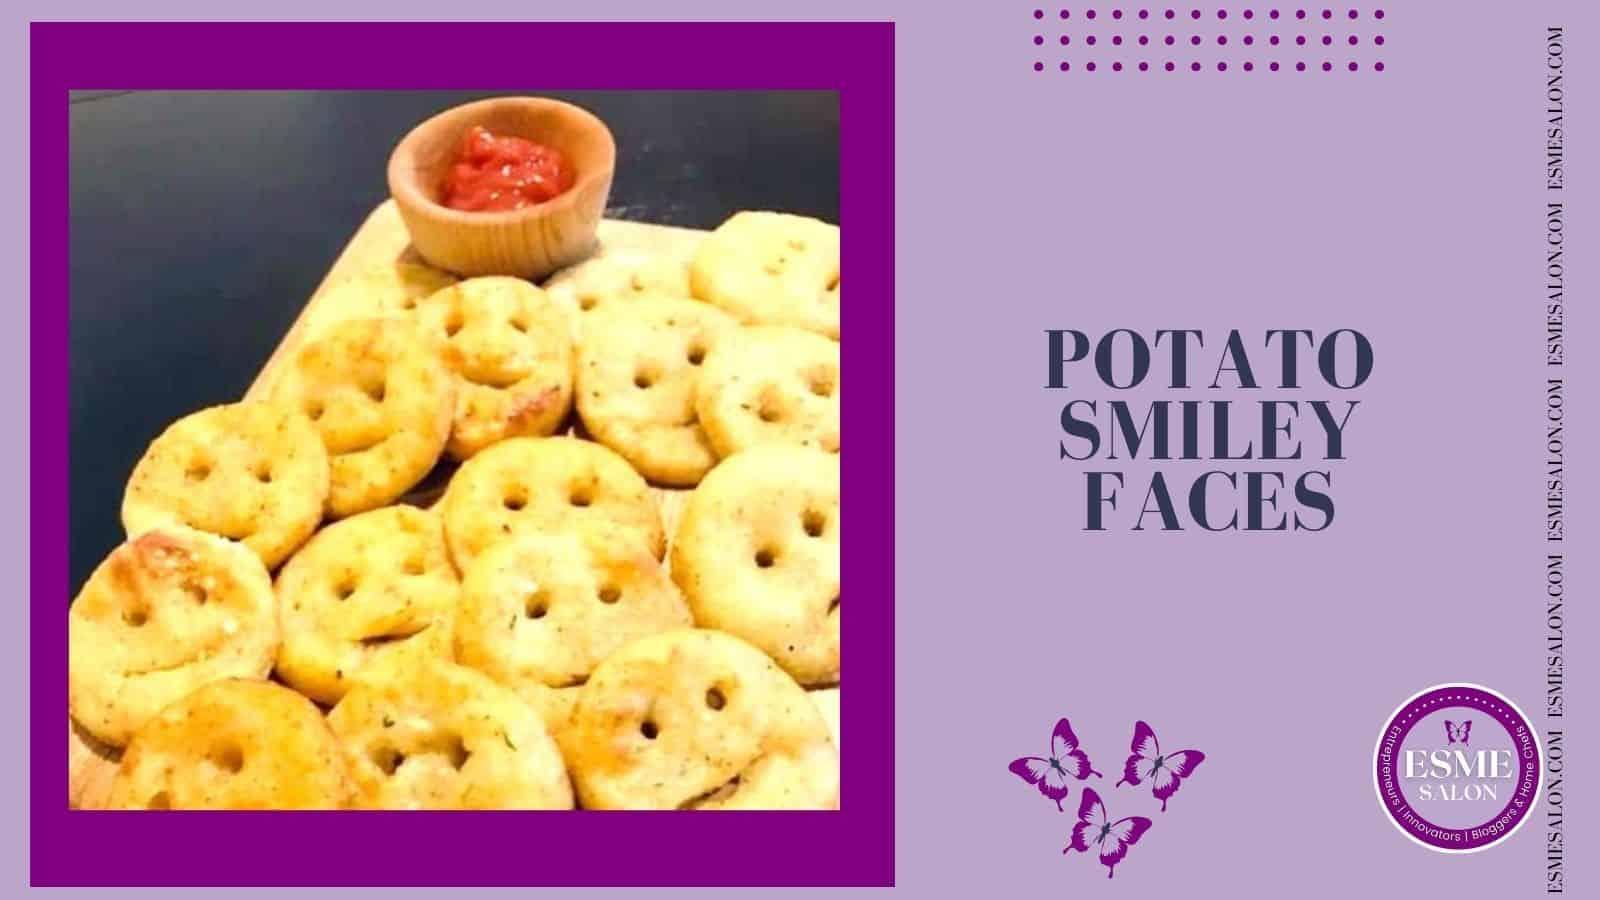 Potato Smiley Face